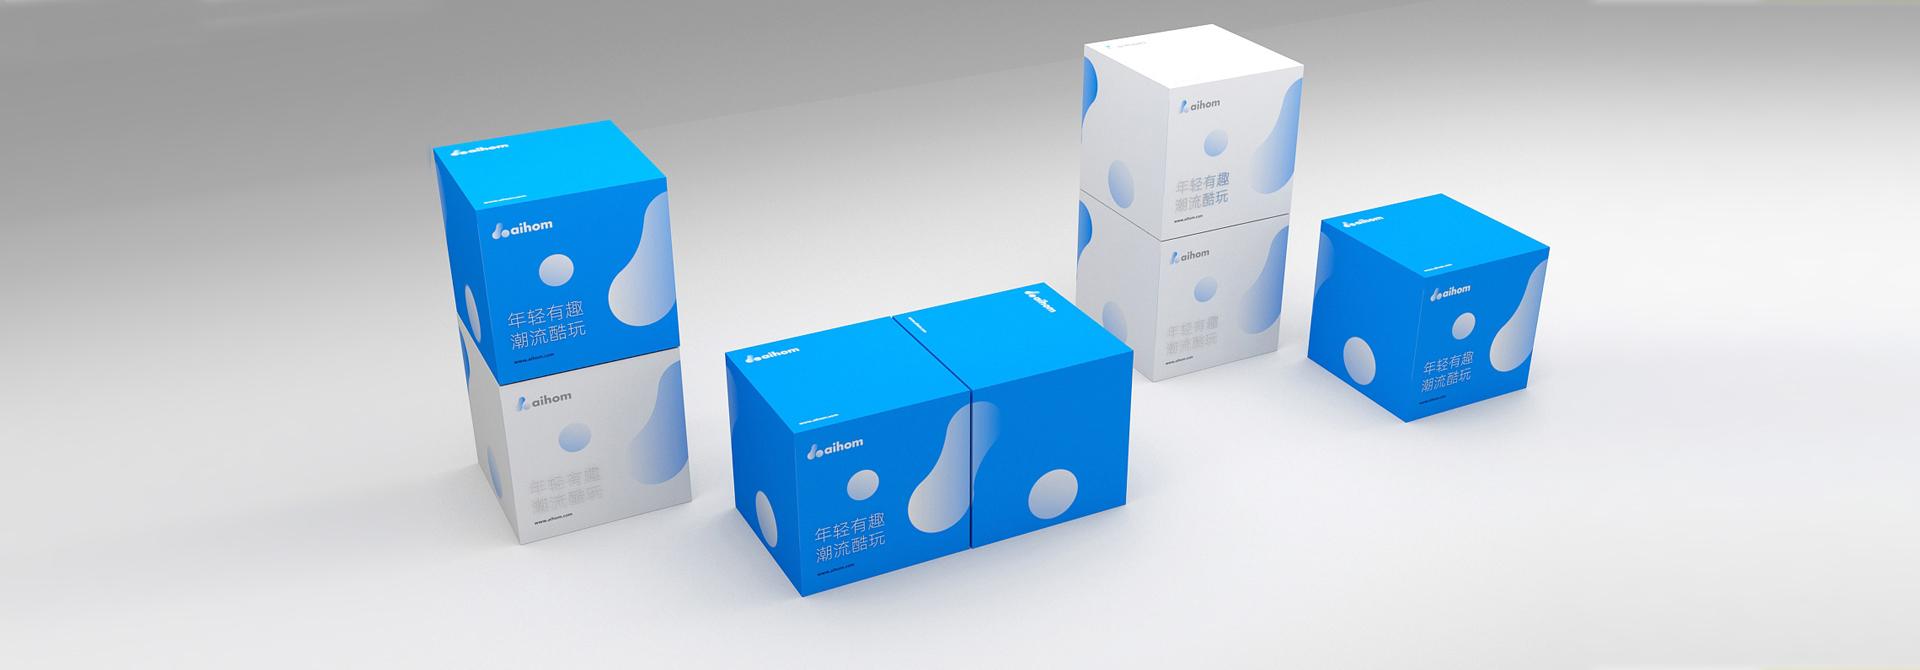 卫浴家电vi设计_logo设计_包装设计